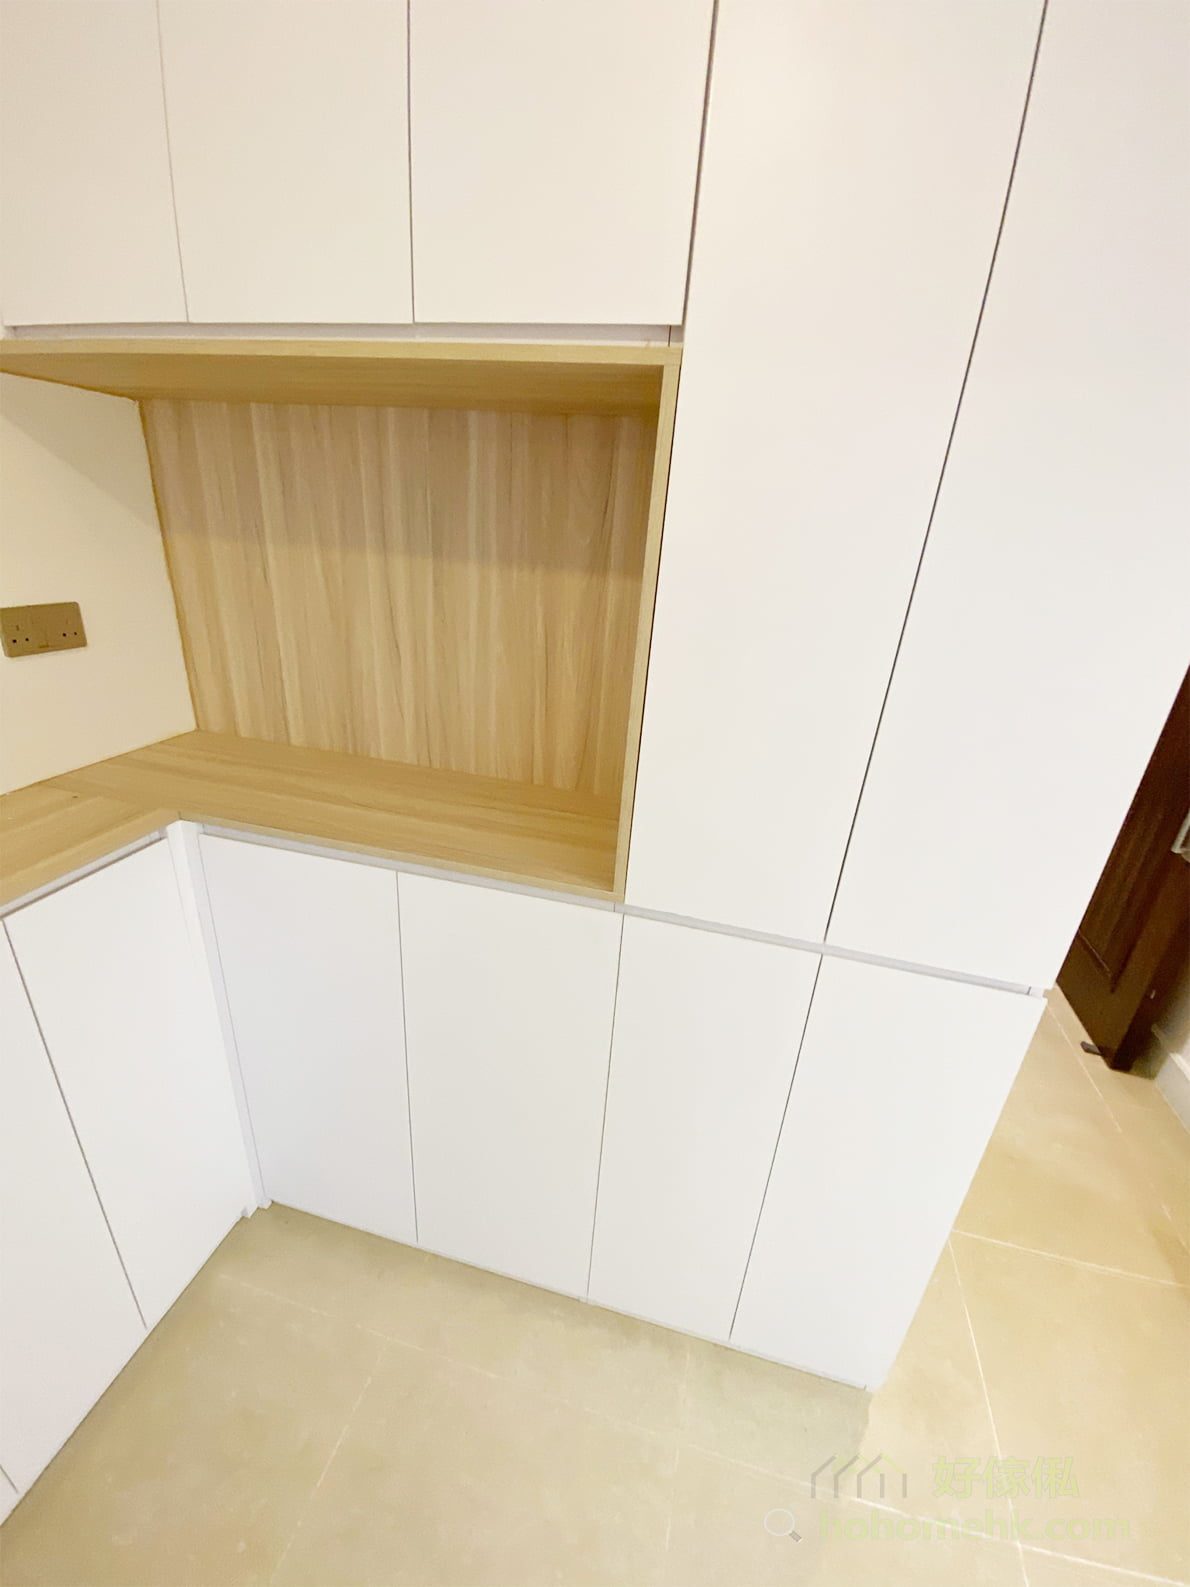 櫃身落地但櫃門不落地的款式,利用櫃門厚度與櫃身之間的差距,做到一條微凹的腳線,因視線水平向下望只會看見櫃門,而看不見凹進去的櫃身,可使櫃身變得輕盈